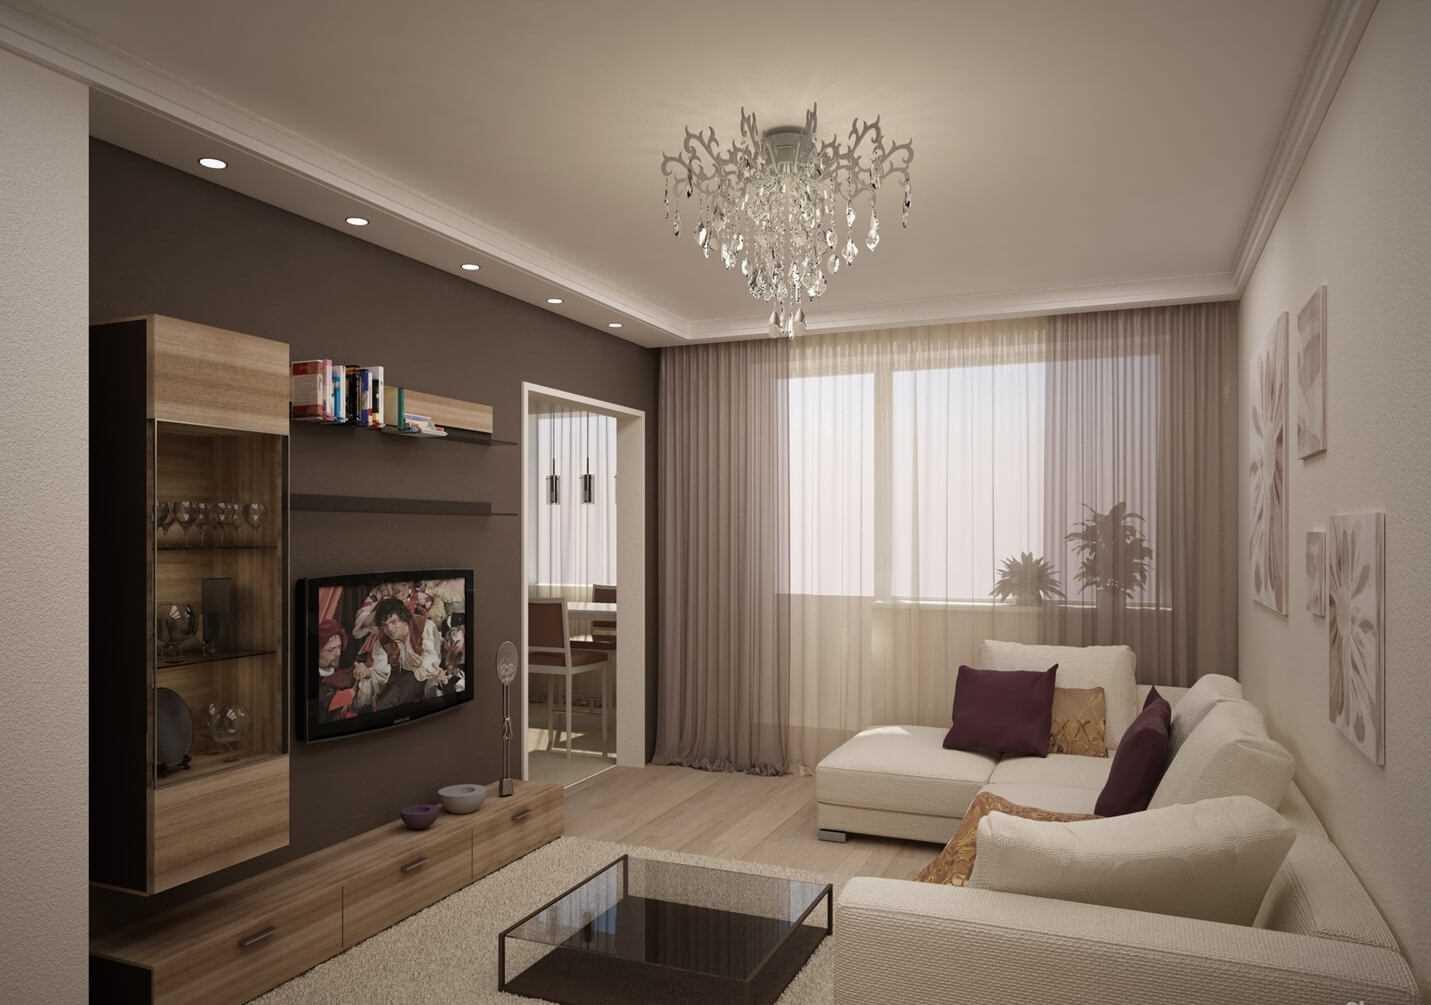 Moderna 65 kv.m dzīvokļa gaišā dizaina piemērs